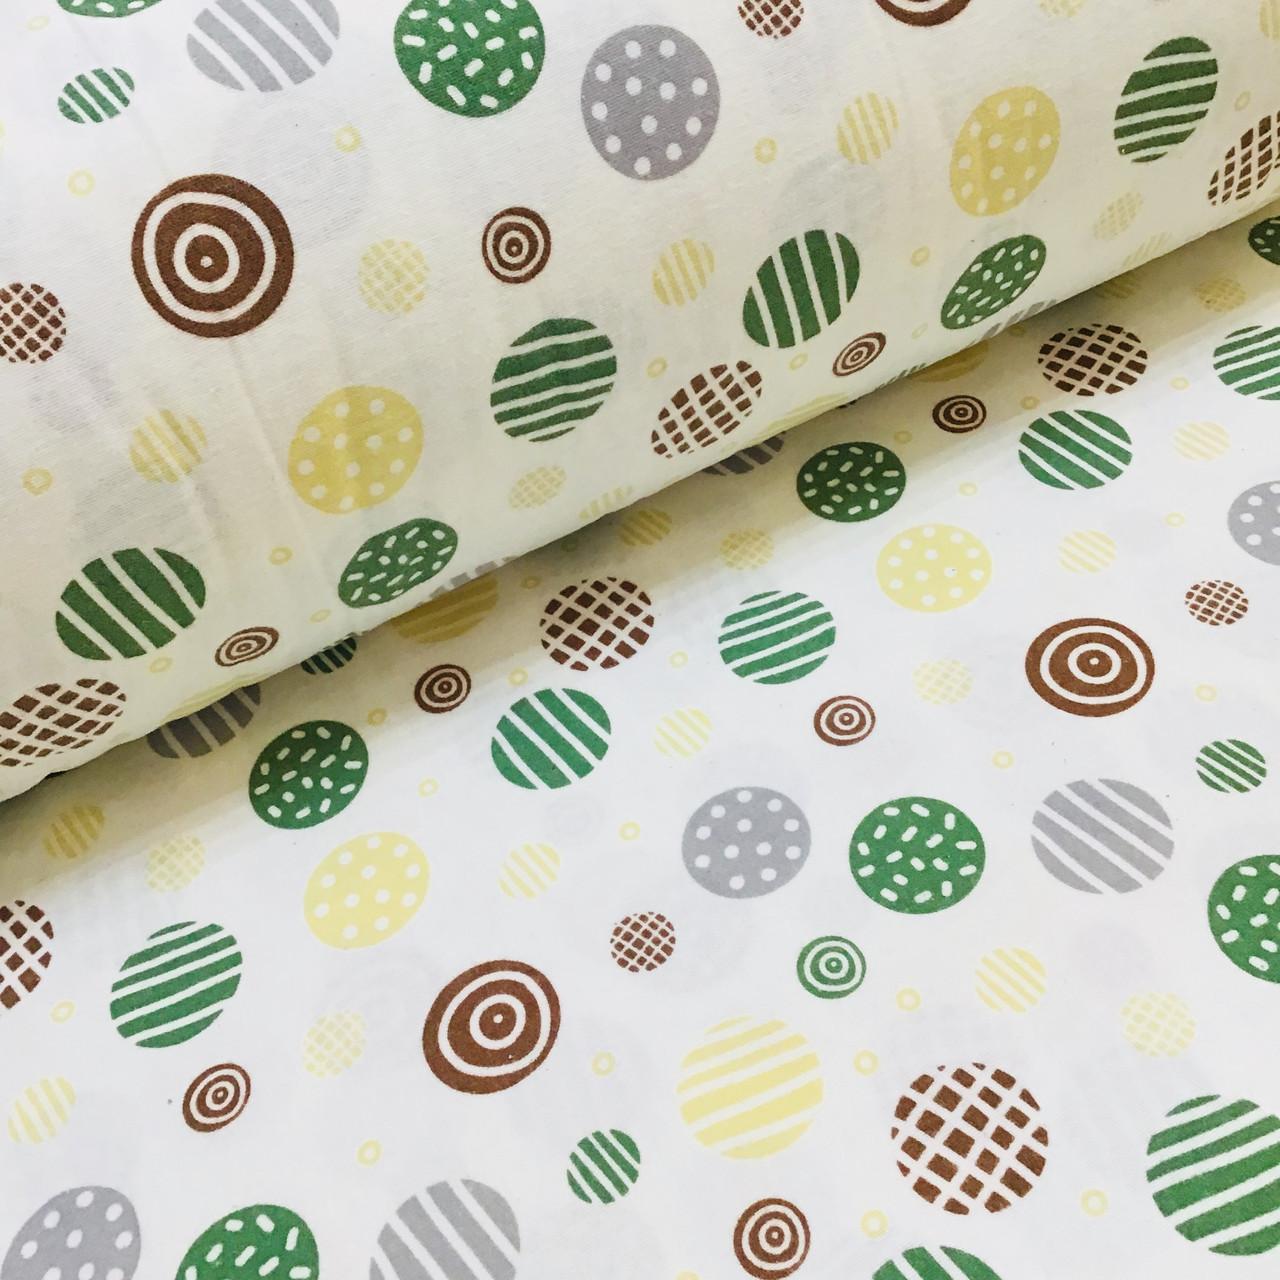 Фланелевая ткань кружочки зеленые и желтые на белом (шир. 2,4 м) ОТРЕЗ ( 0,35*2,4)